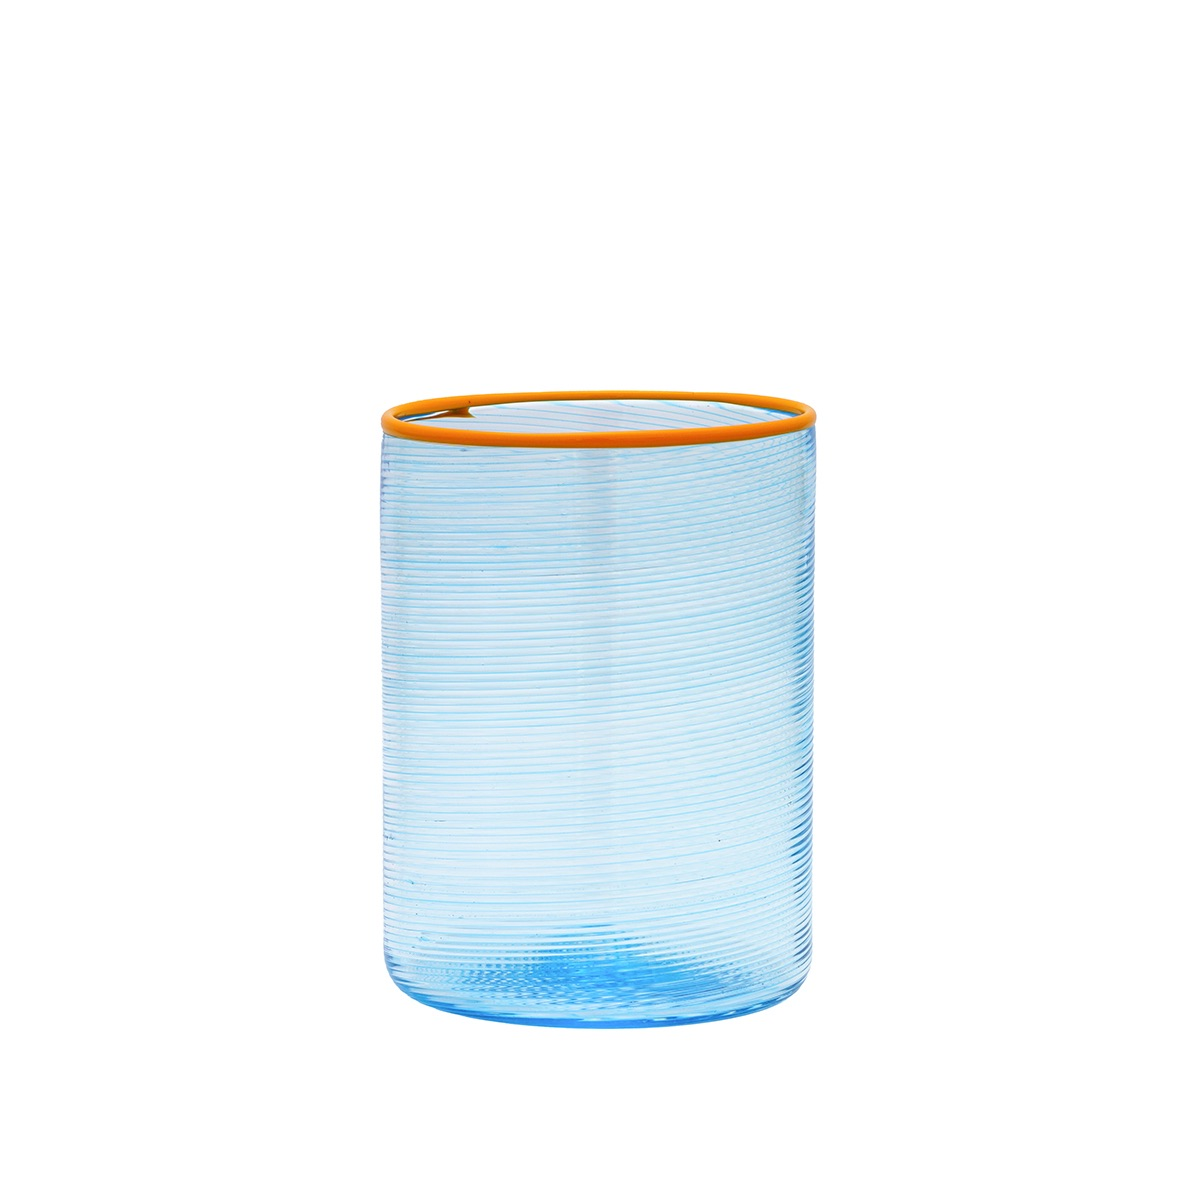 Fizzy wine acquamare azzurro blue orange